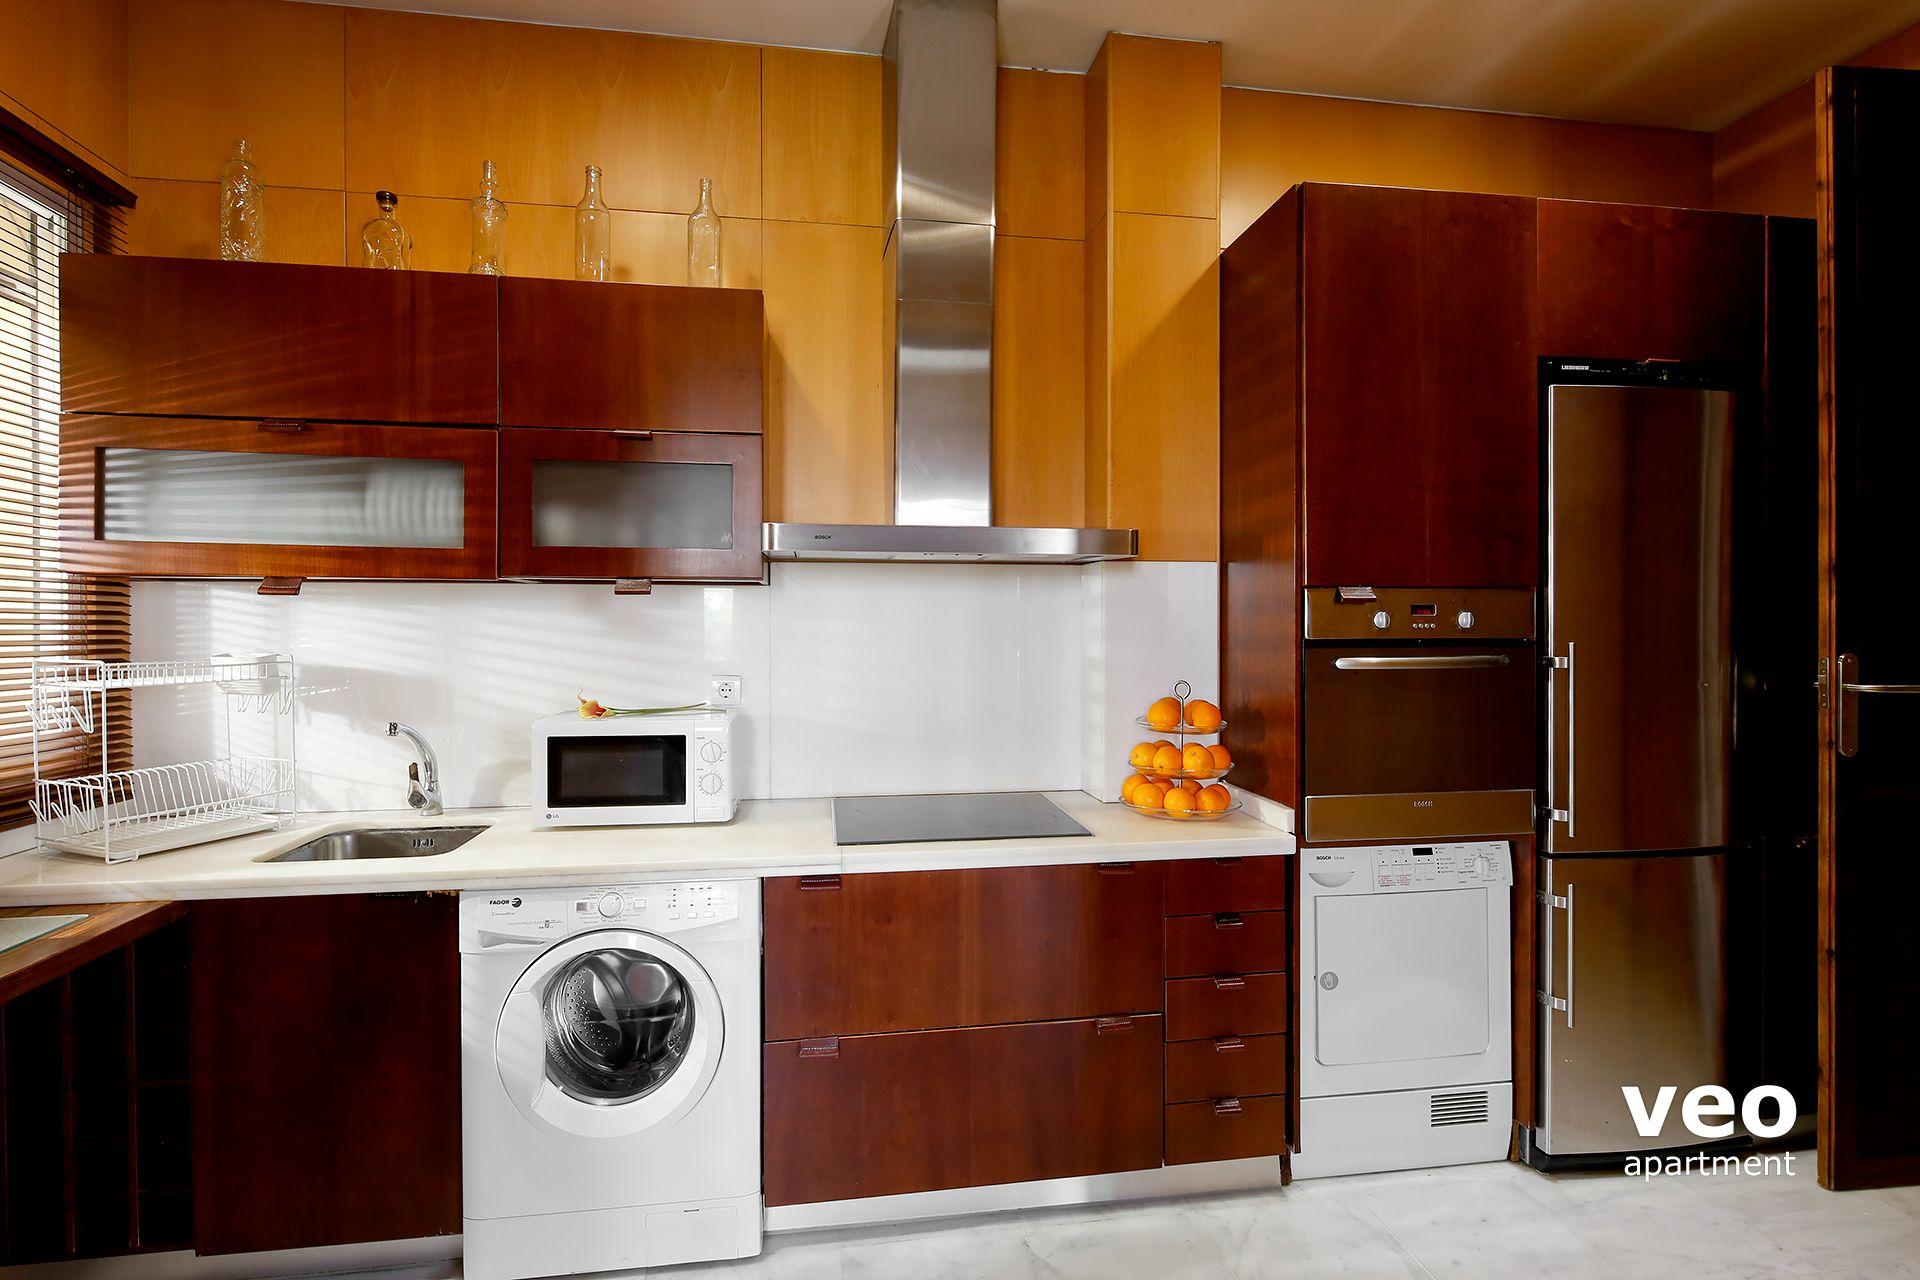 Seville Apartment Betis Street Seville Spain Betis Blue